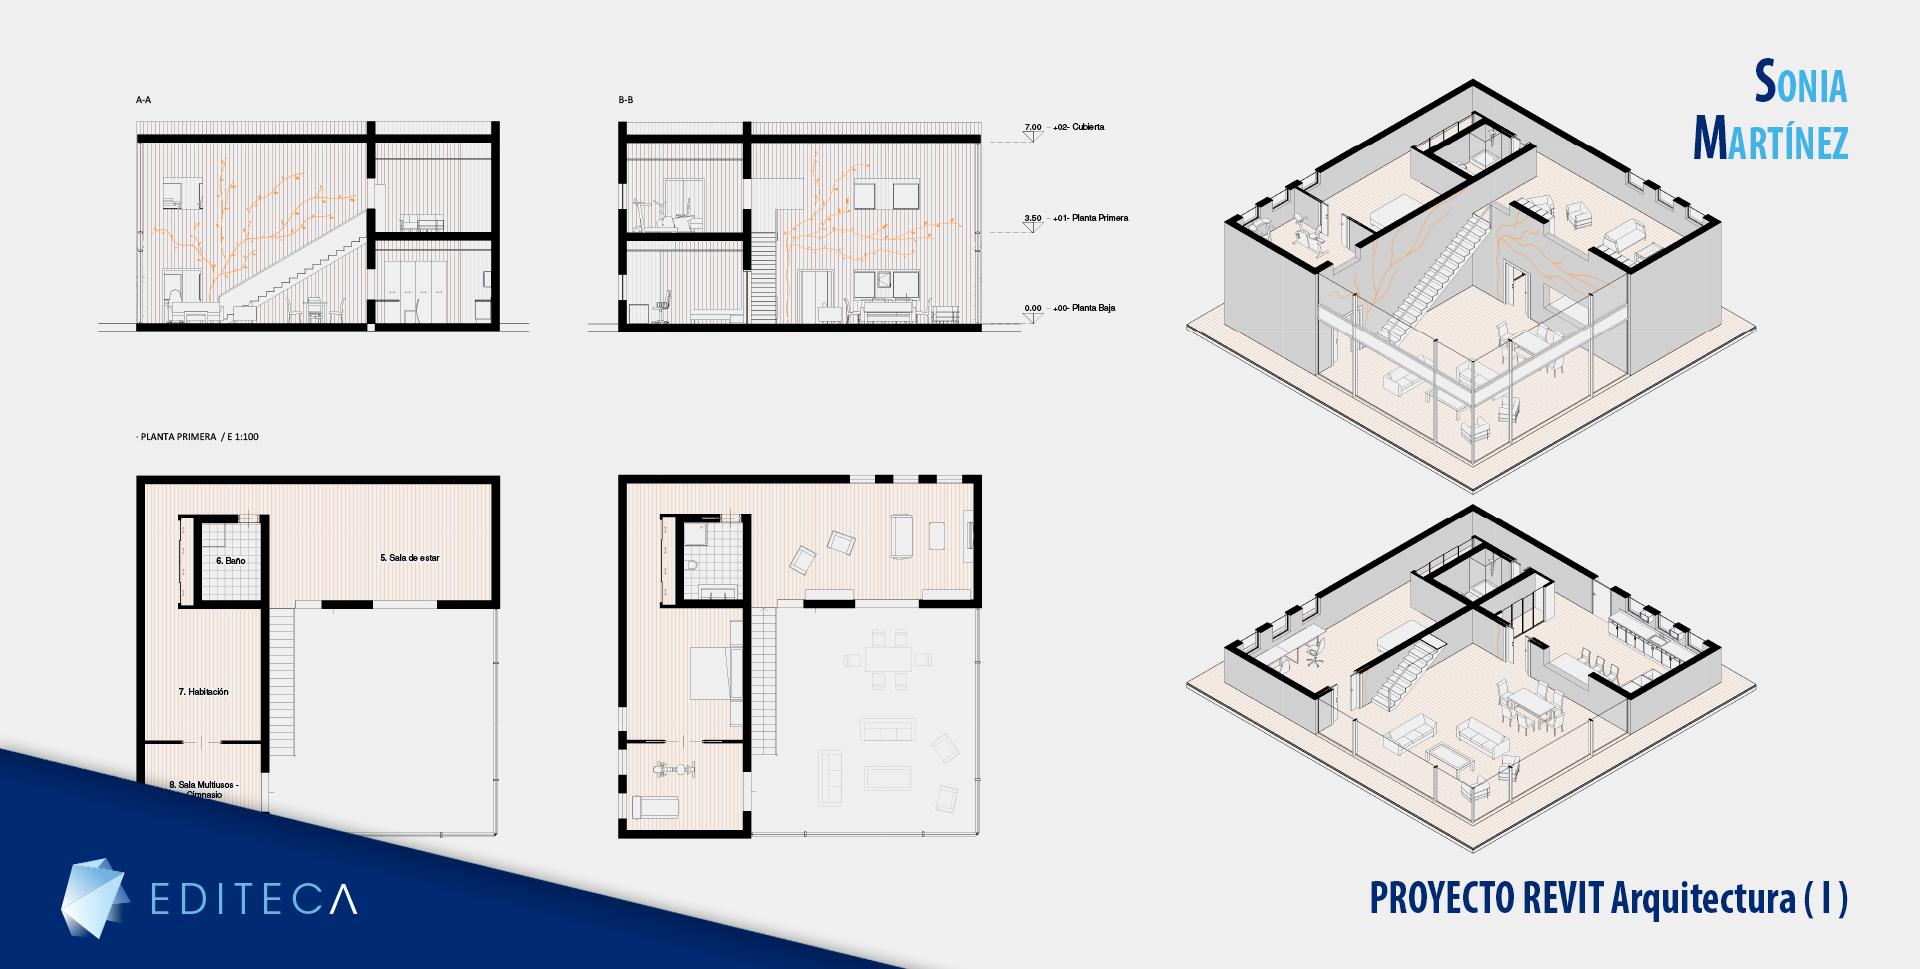 proyecto Curso de revit arquitectura básico - Sonia